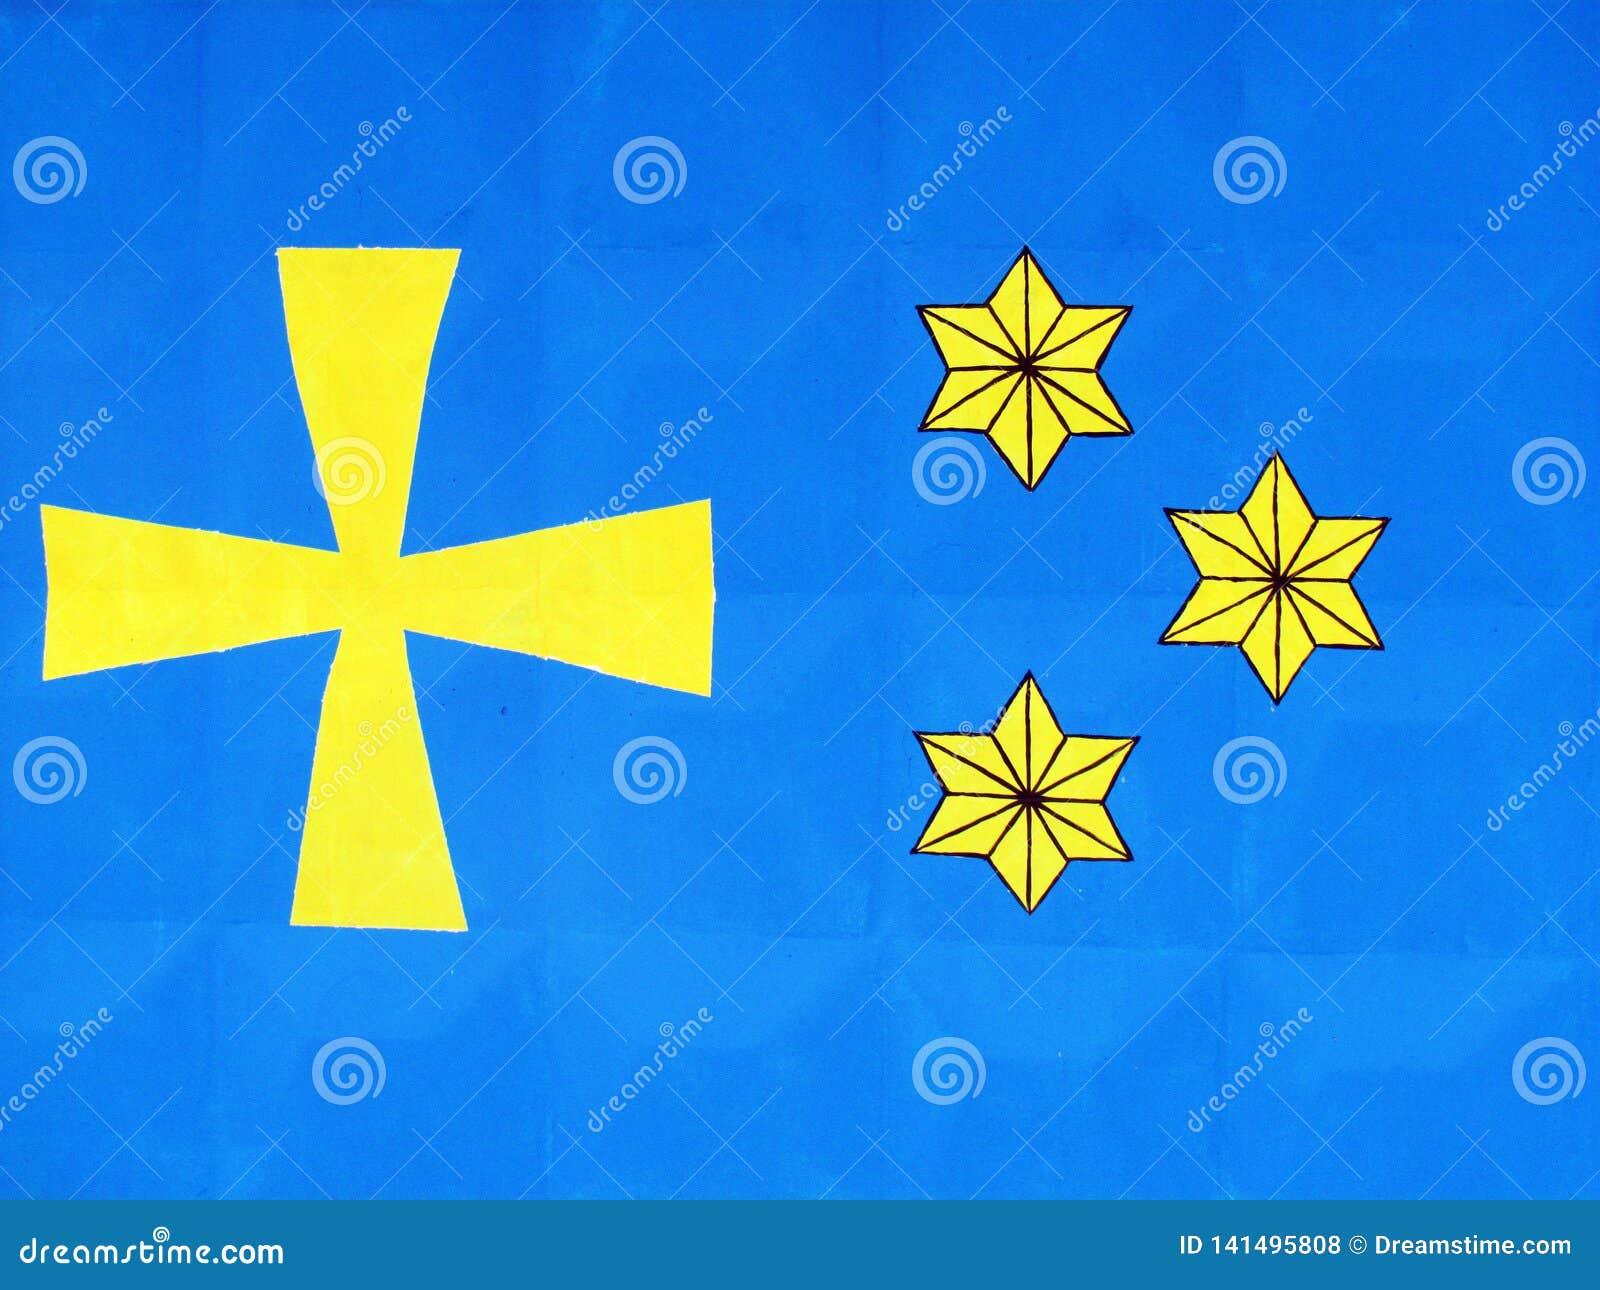 Símbolos nacionales y banderas de distritos de la región de Poltava